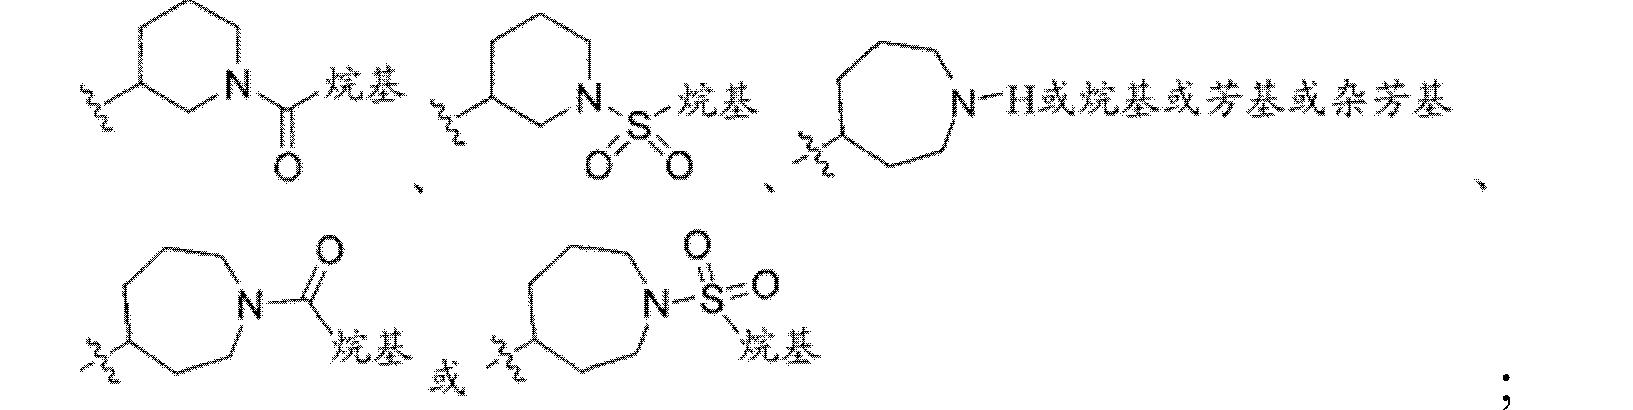 Figure CN102448458BD00101